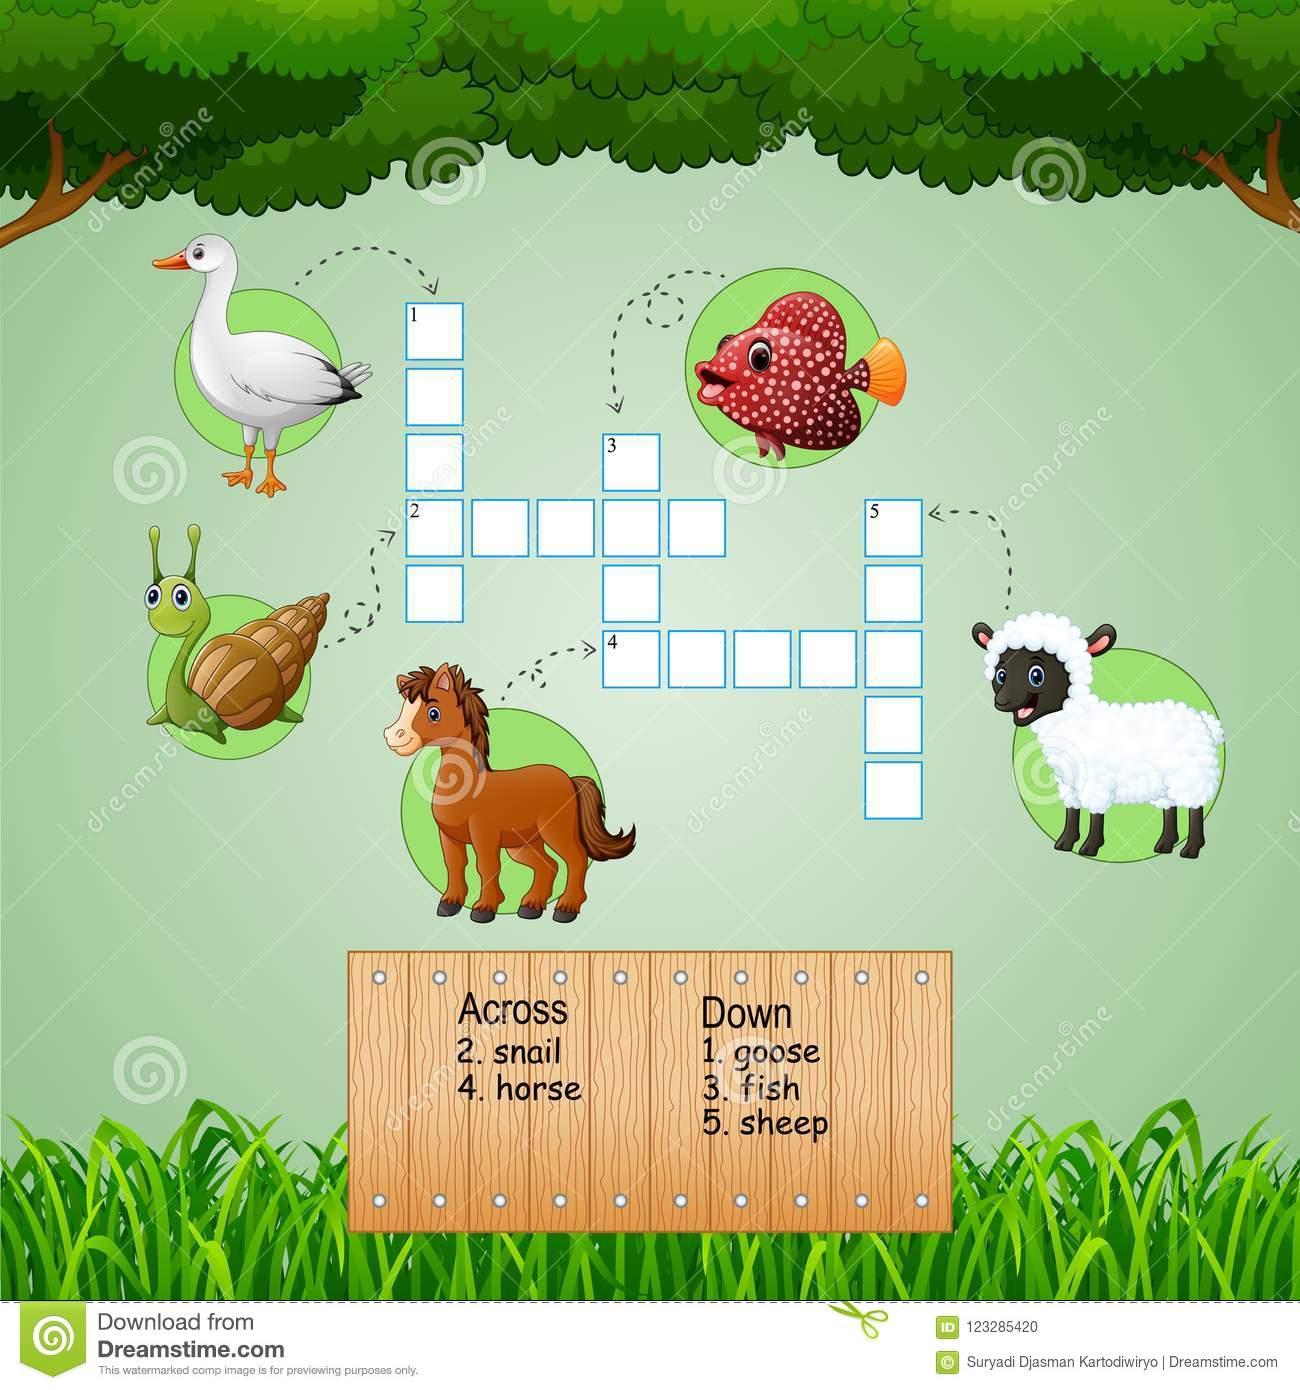 Jeux De Mots Croisé De La Ferme D'animaux Pour Des Jeux D dedans Jeux Les Animaux De La Ferme